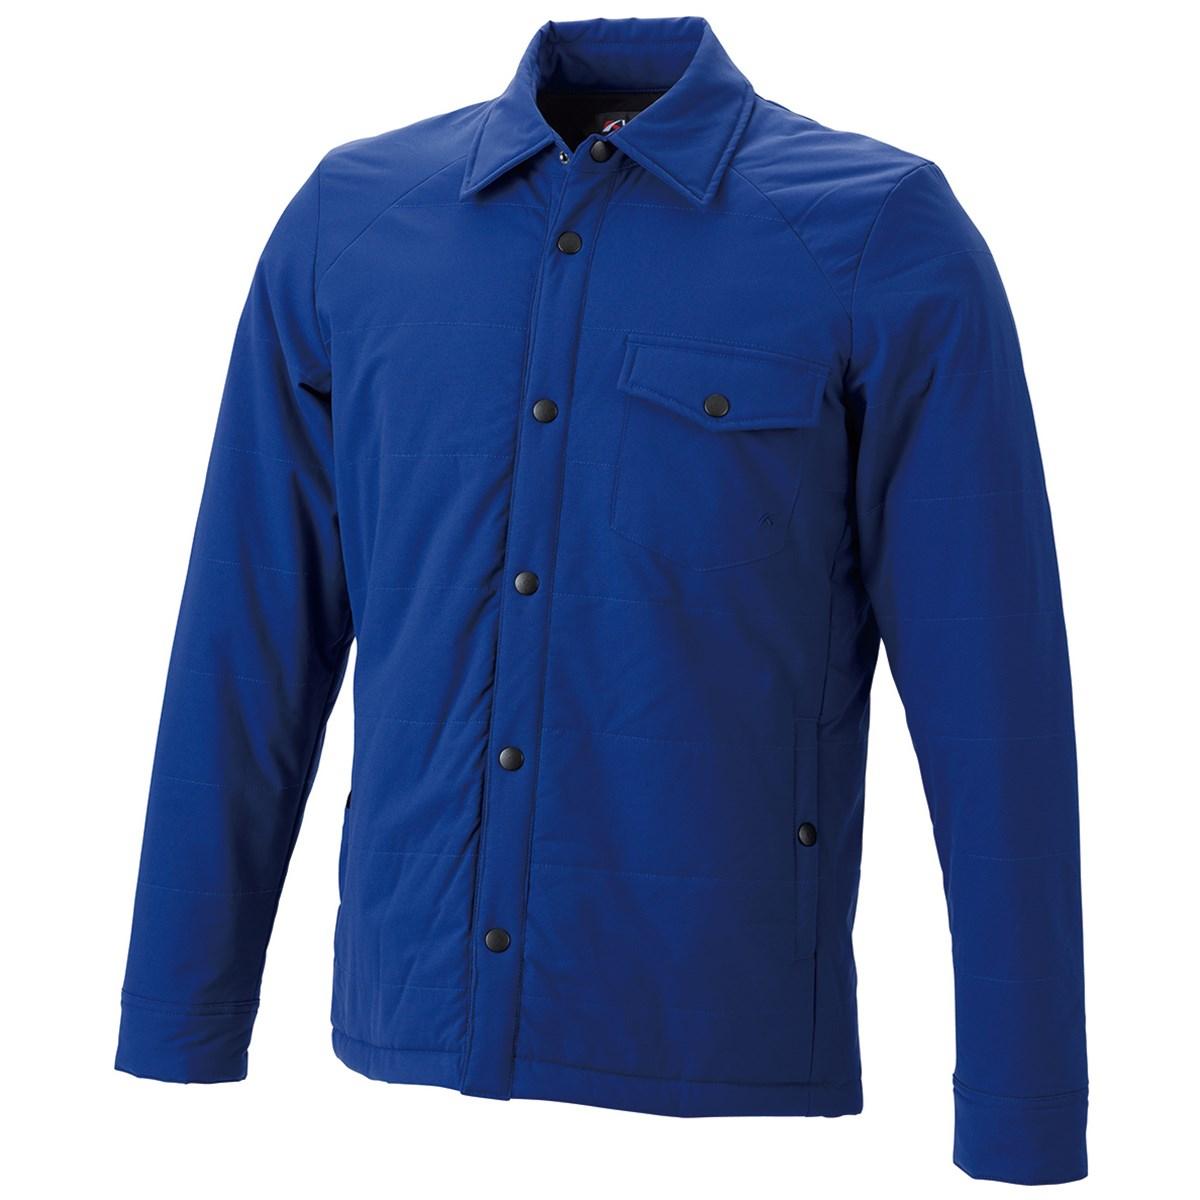 キャスコ KASCO ストレッチ中綿長袖ブルゾン M ブルー